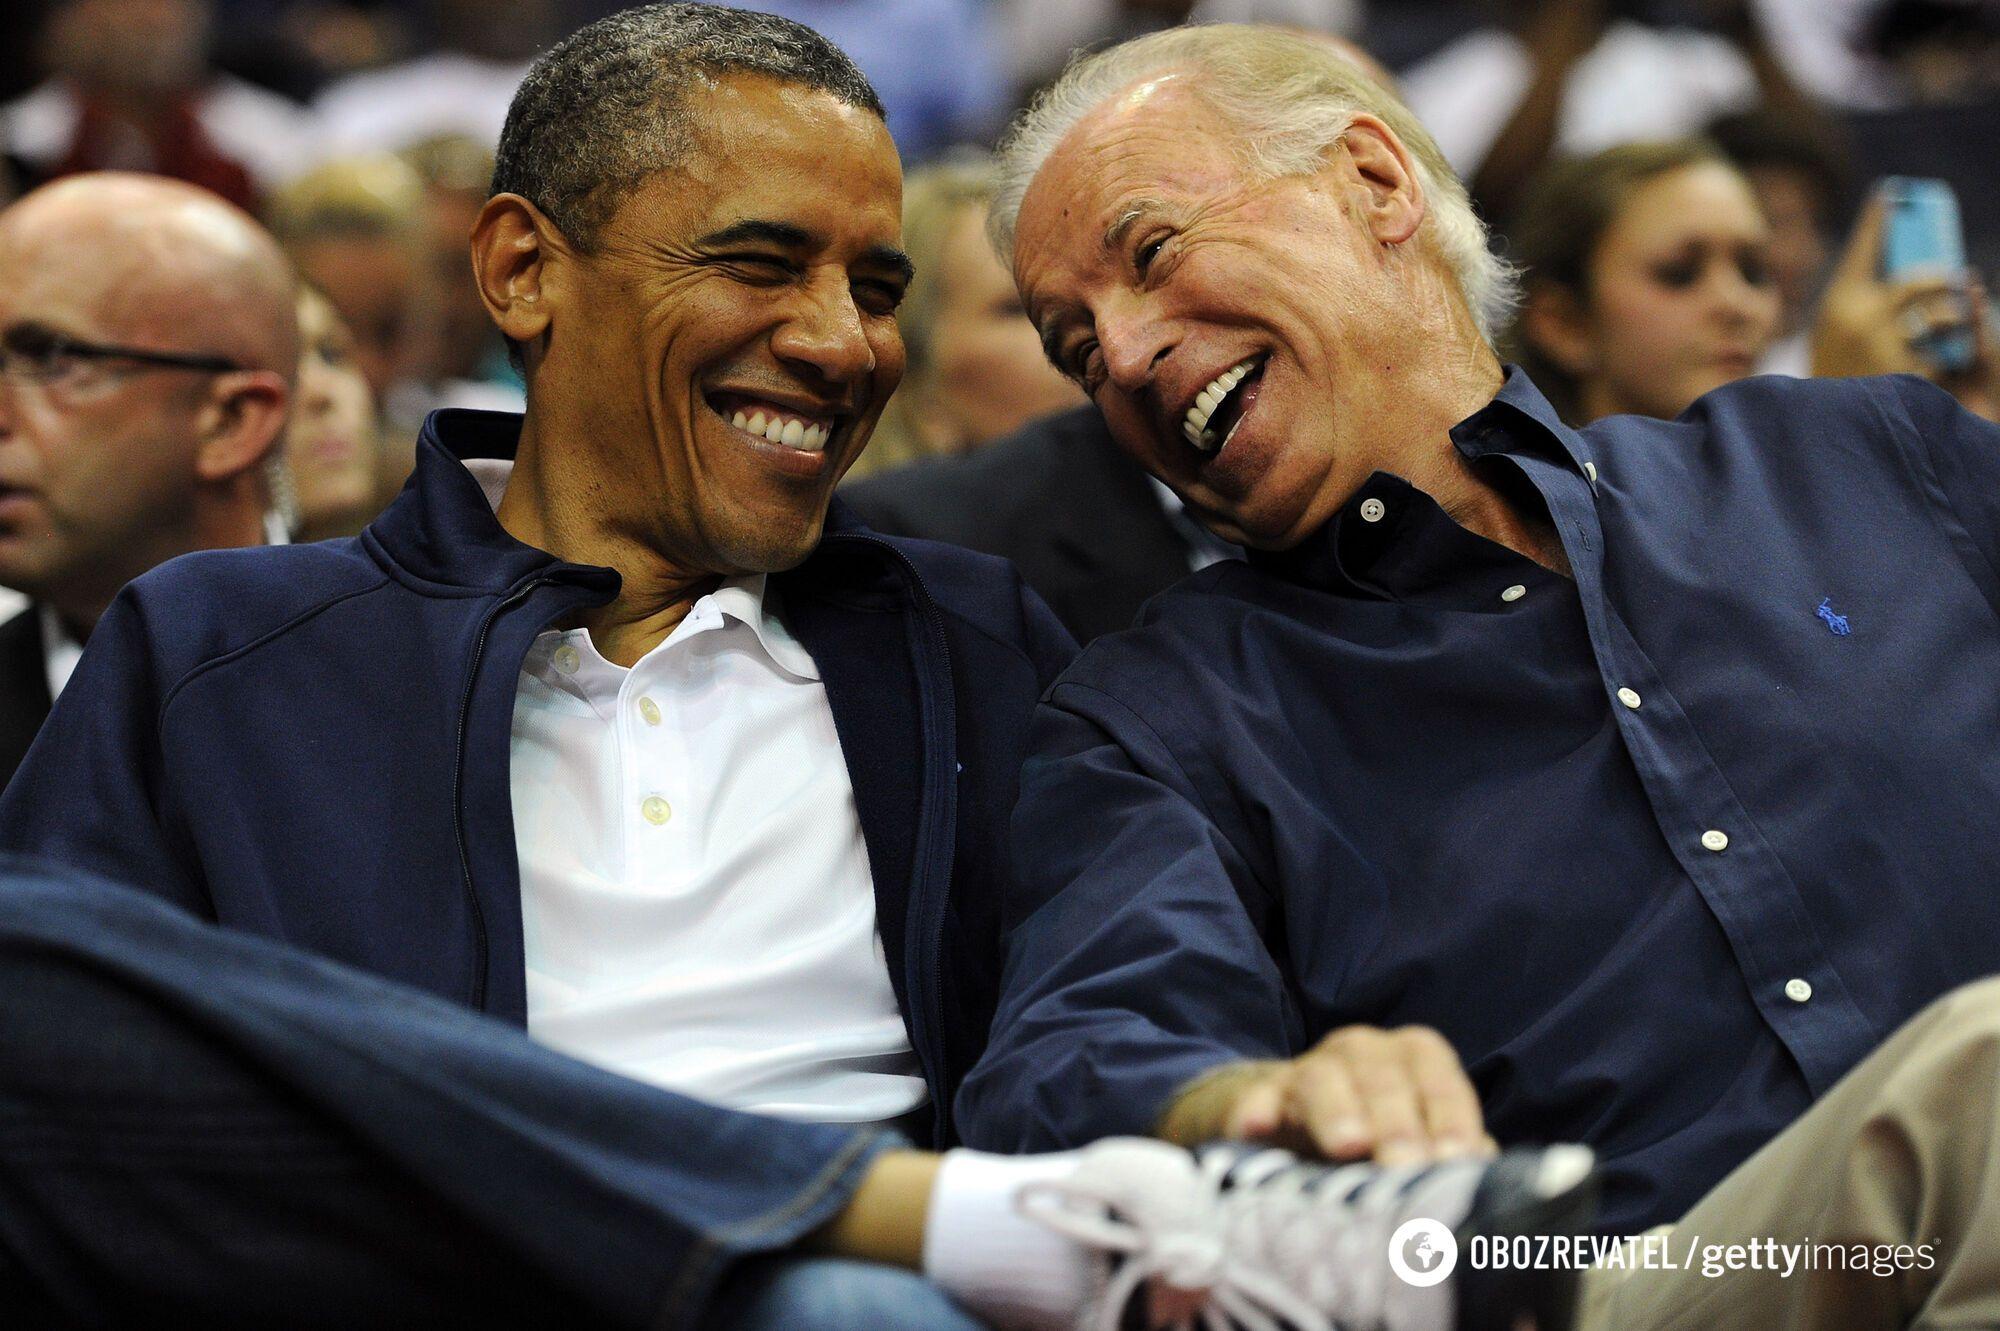 Барак Обама і Джо Байден на баскетбольному матчі. 2012 рік.